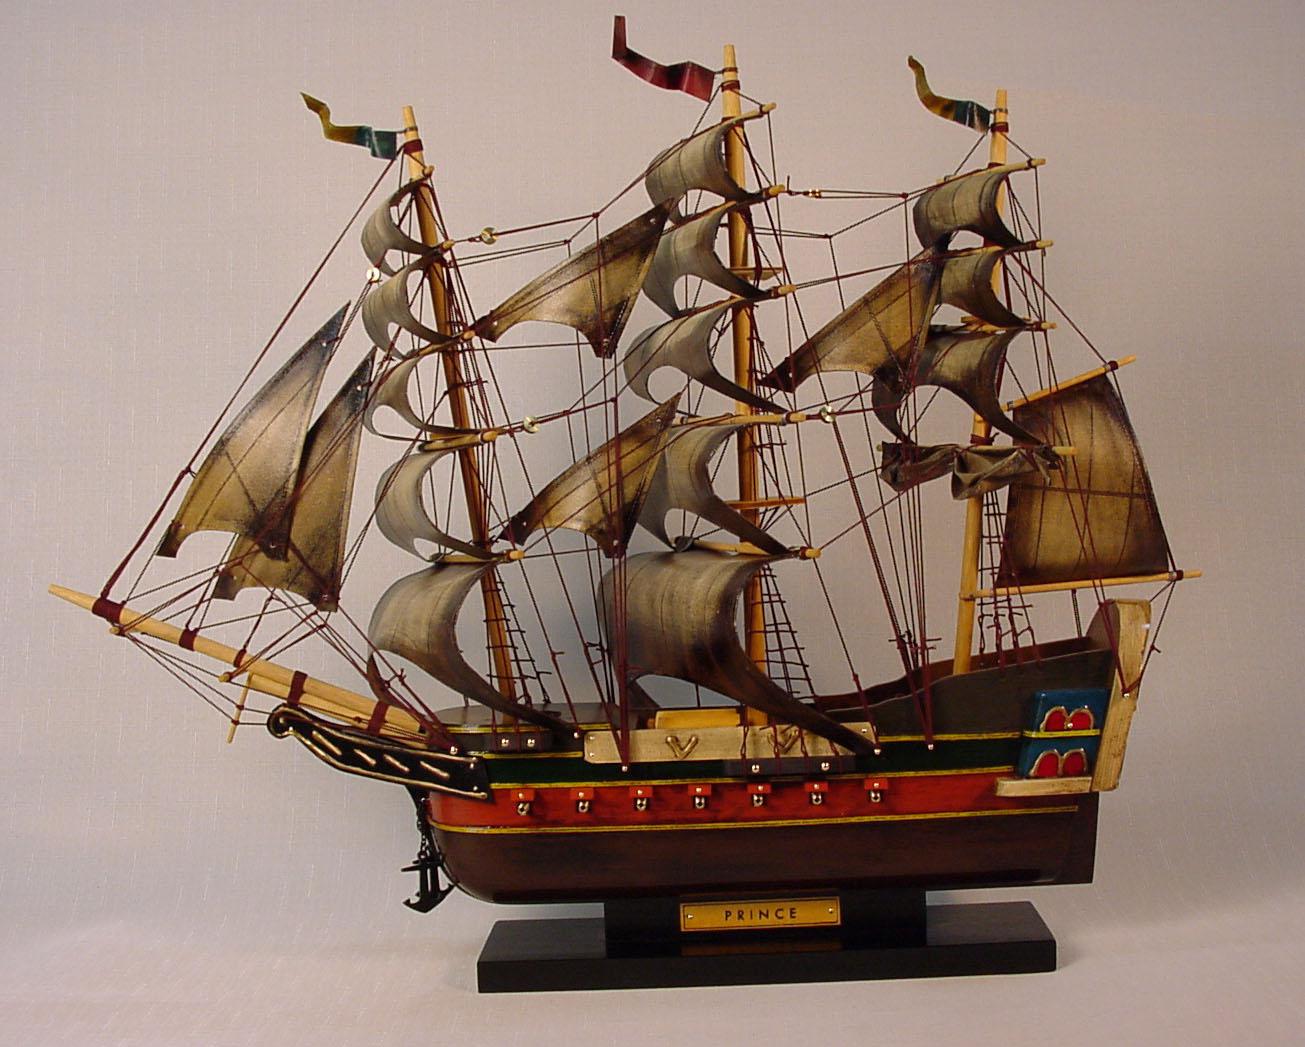 帆船模型 モデルシップ 完成品 No208 プリンス 新築祝 開業祝 お祝い 門出 _のし _メッセ入力 記念品 謝礼 お支払い方法について 母の日 快気祝